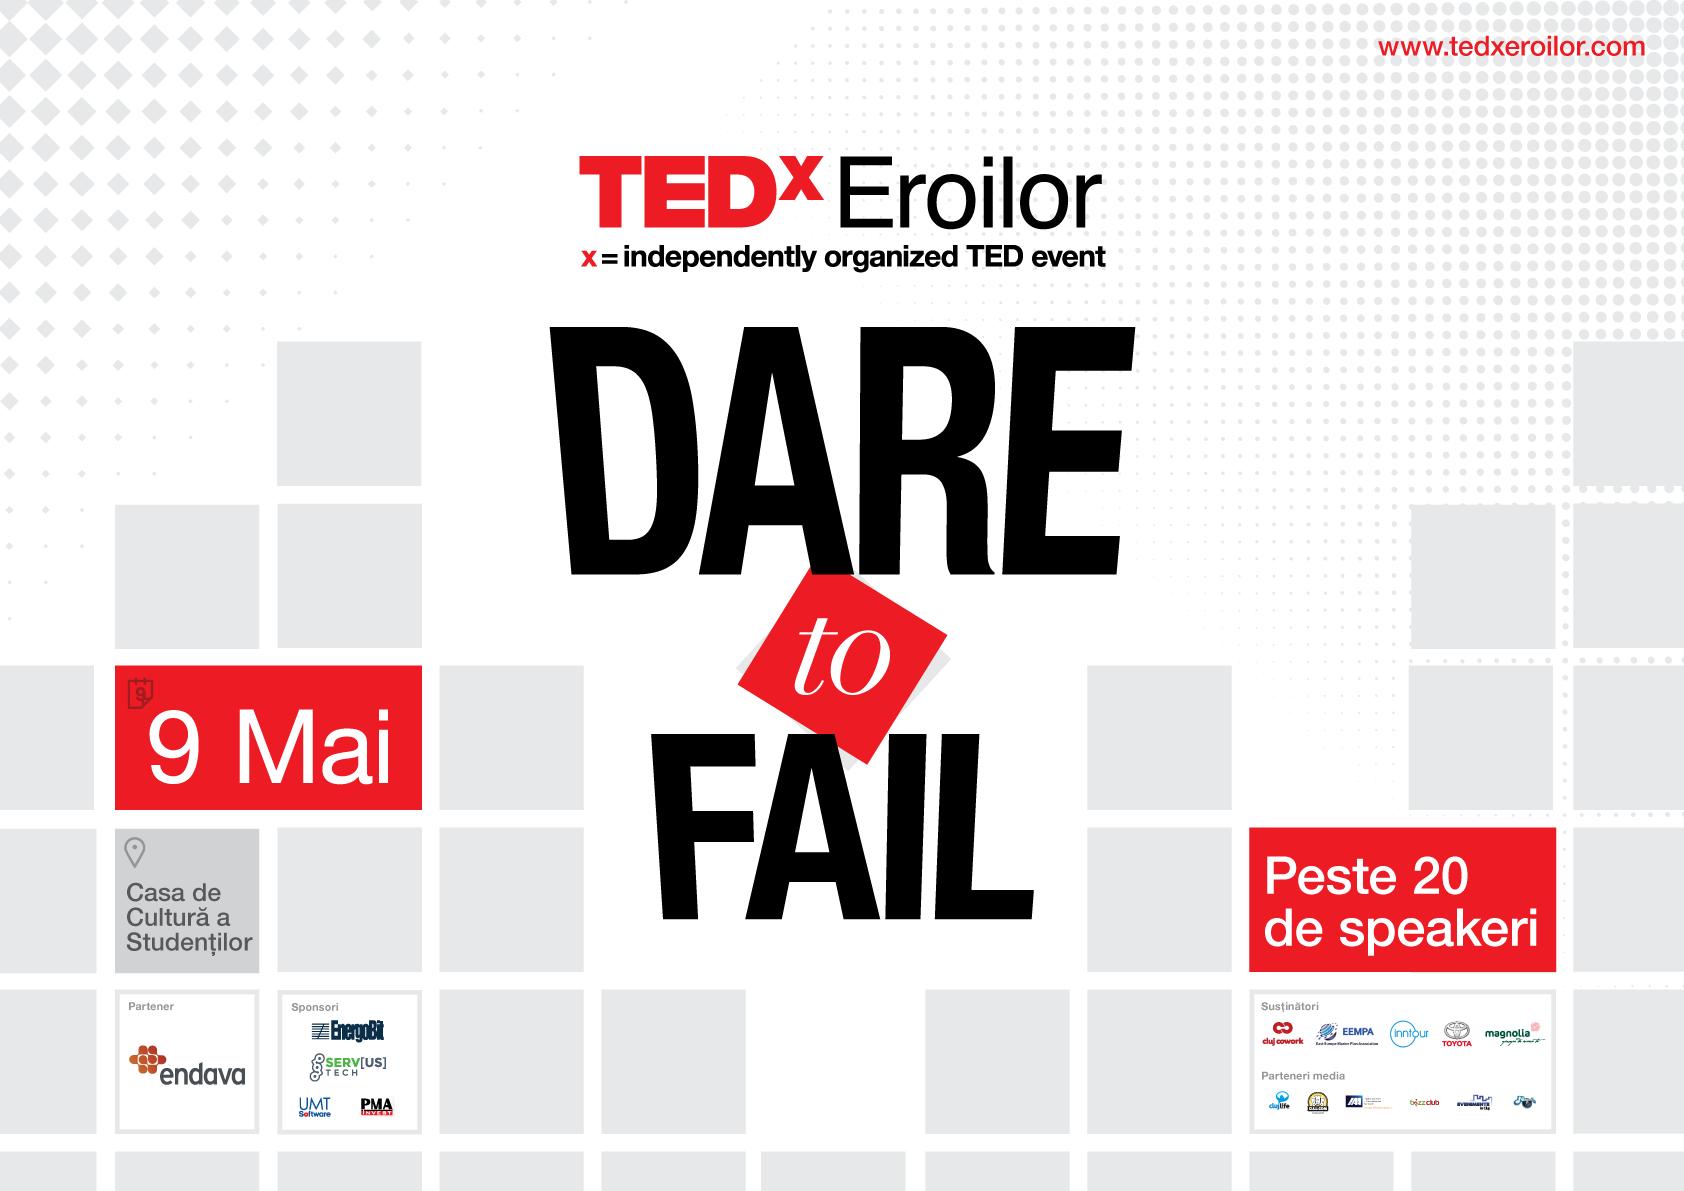 Fraților, am înfrânt! Despre puterea eșecului la TEDxEroilor!